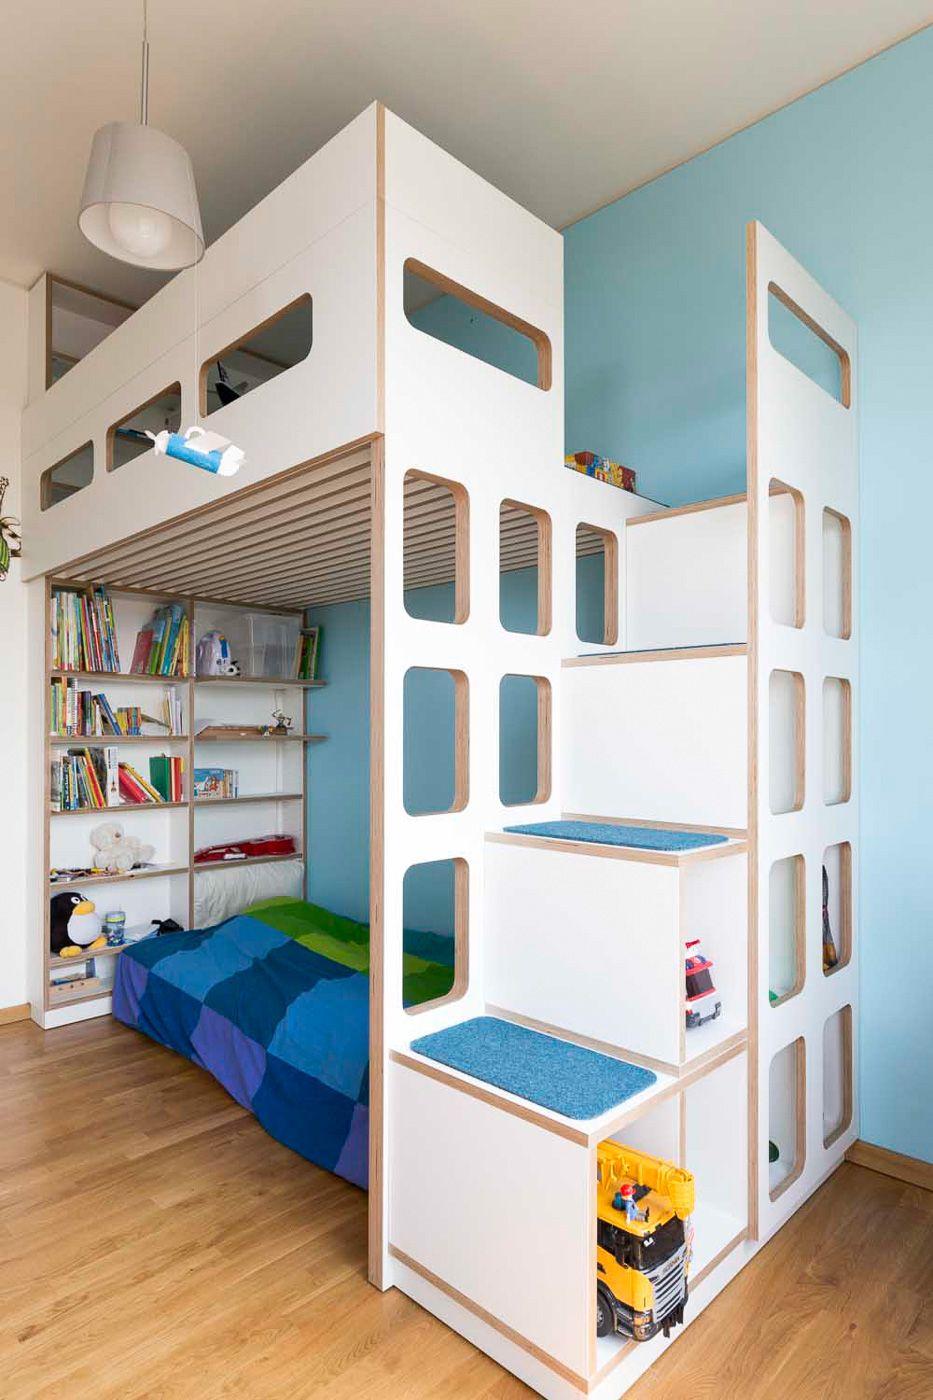 Full Size of Xora Jugendzimmer Ikea Wei Einrichtungsideen Aus 100 Bett Sofa Wohnzimmer Xora Jugendzimmer